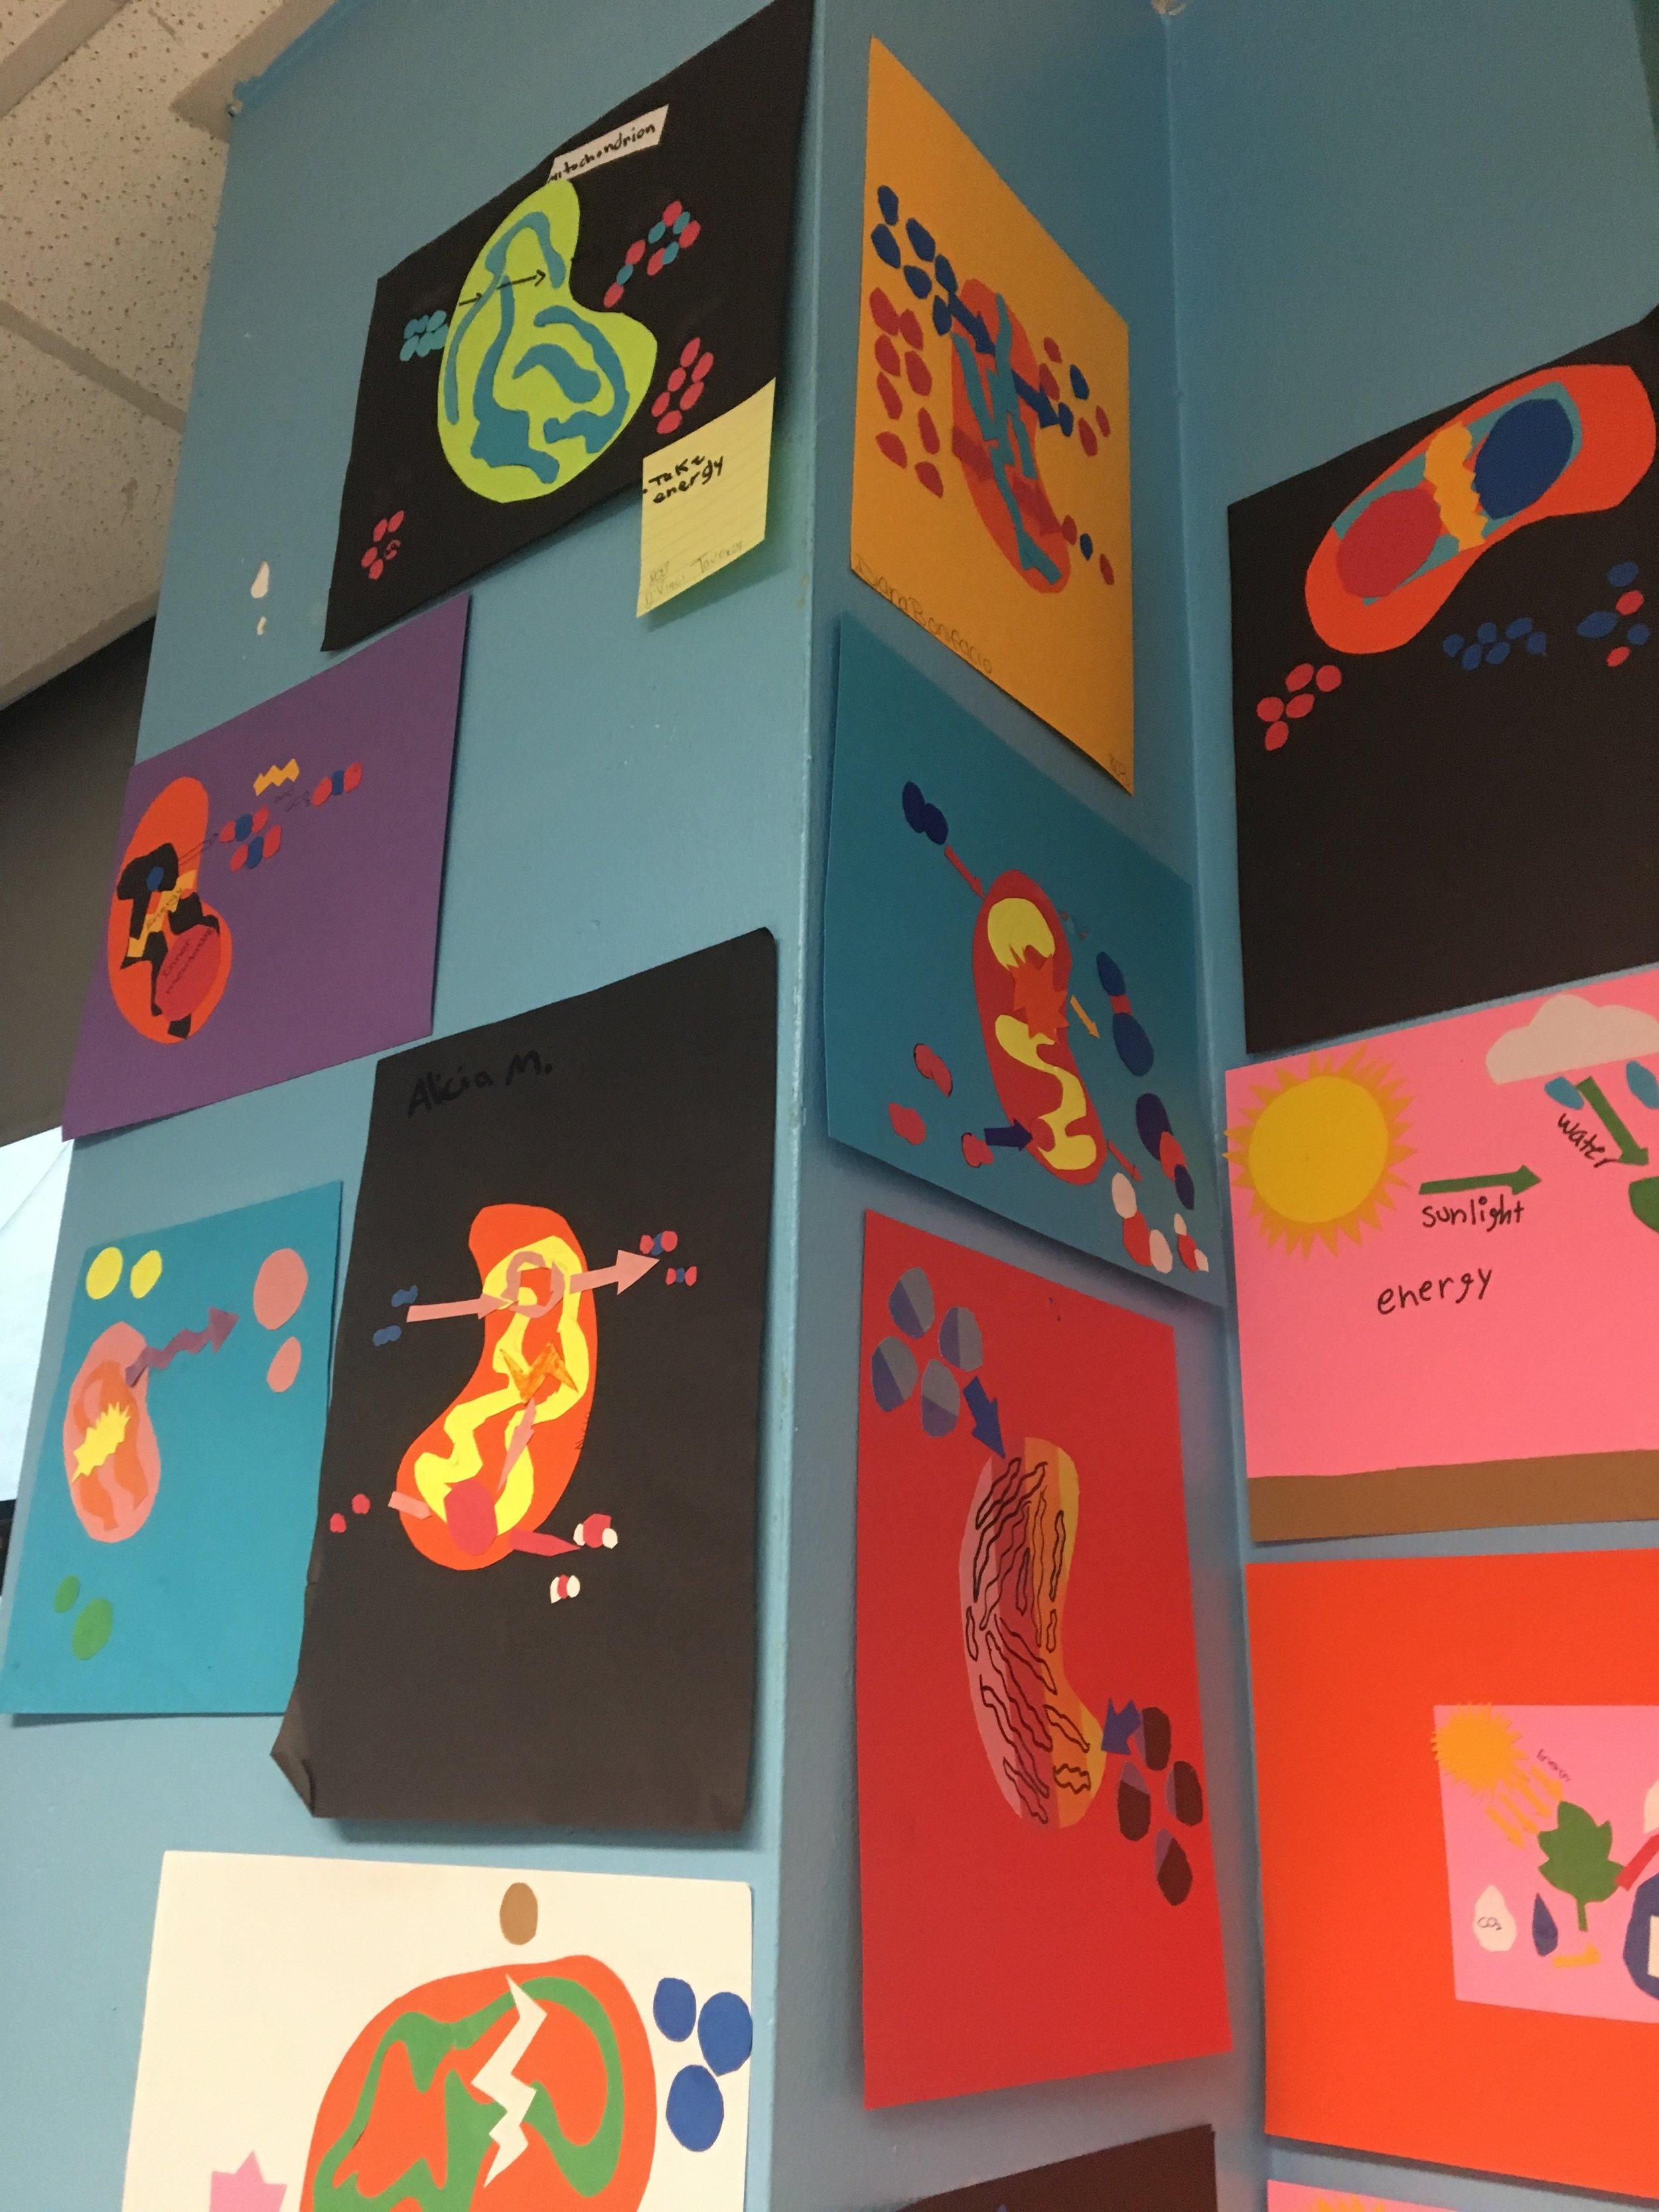 Krebbs cycle Collage Art, STEAM class